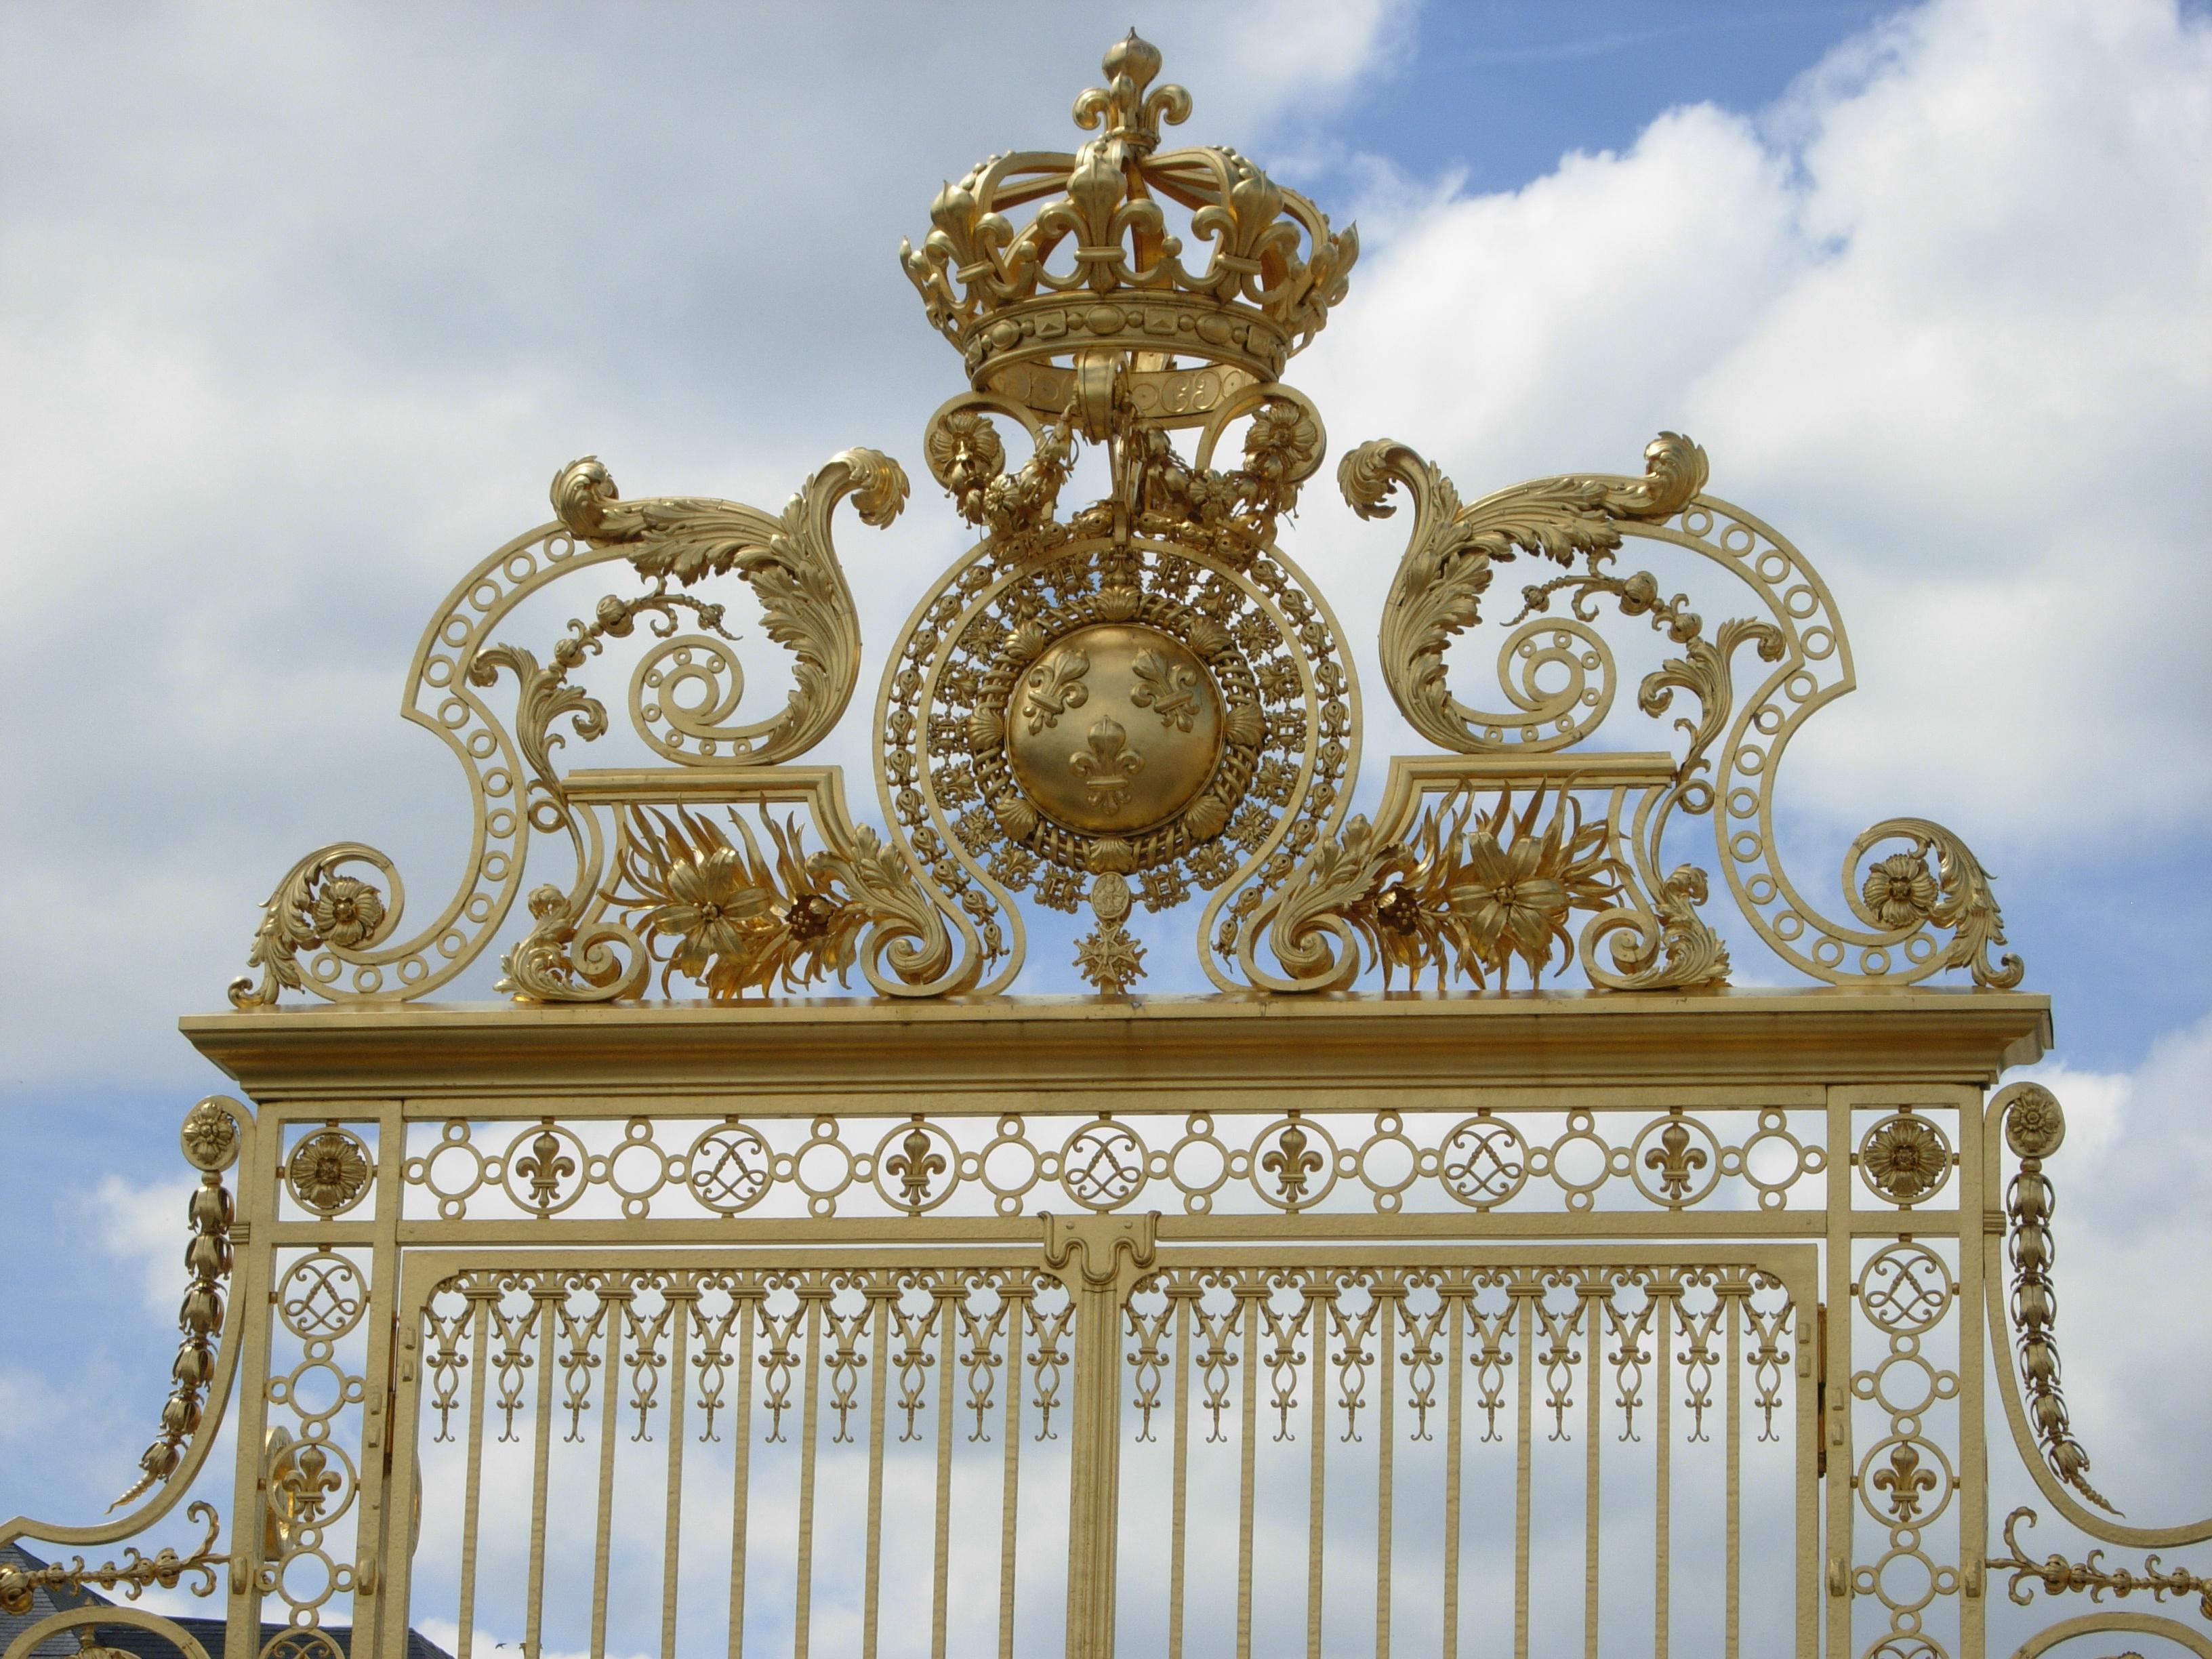 文化巴黎的魅力——凡尔赛宫_图1-4